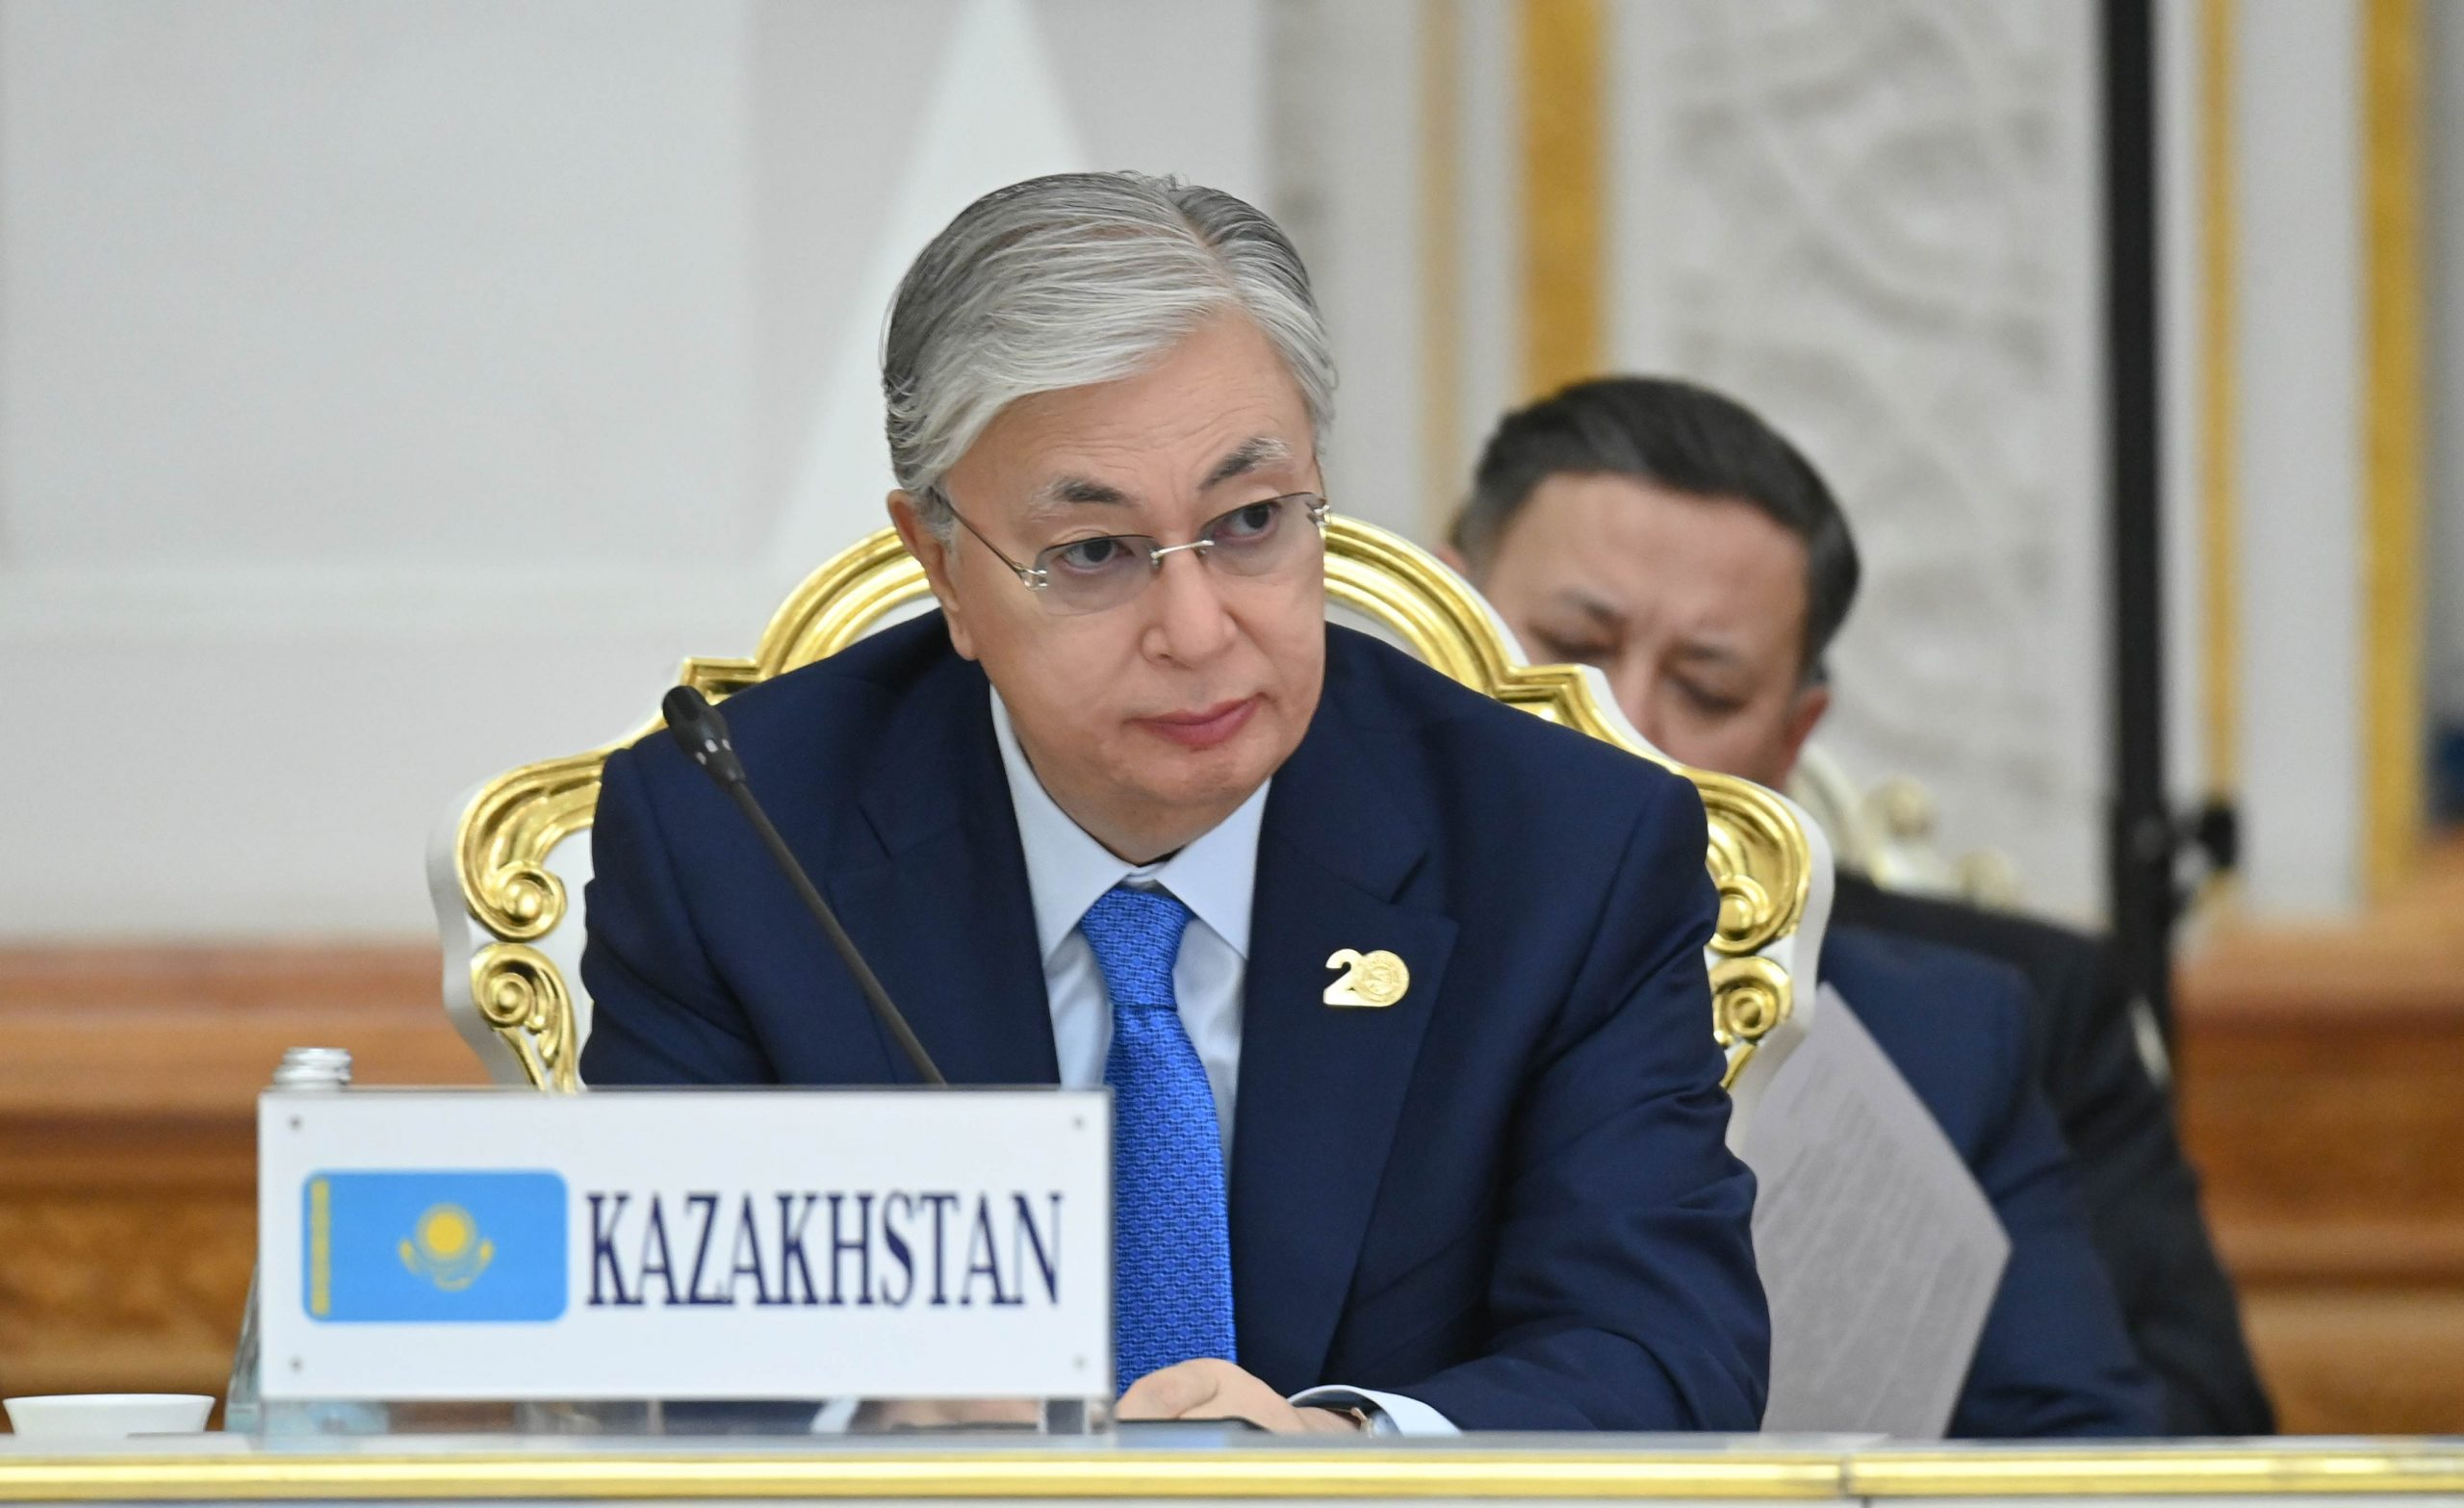 Президент Казахстана принял участие в совместном заседании глав государств-членов ОДКБ и ШОС